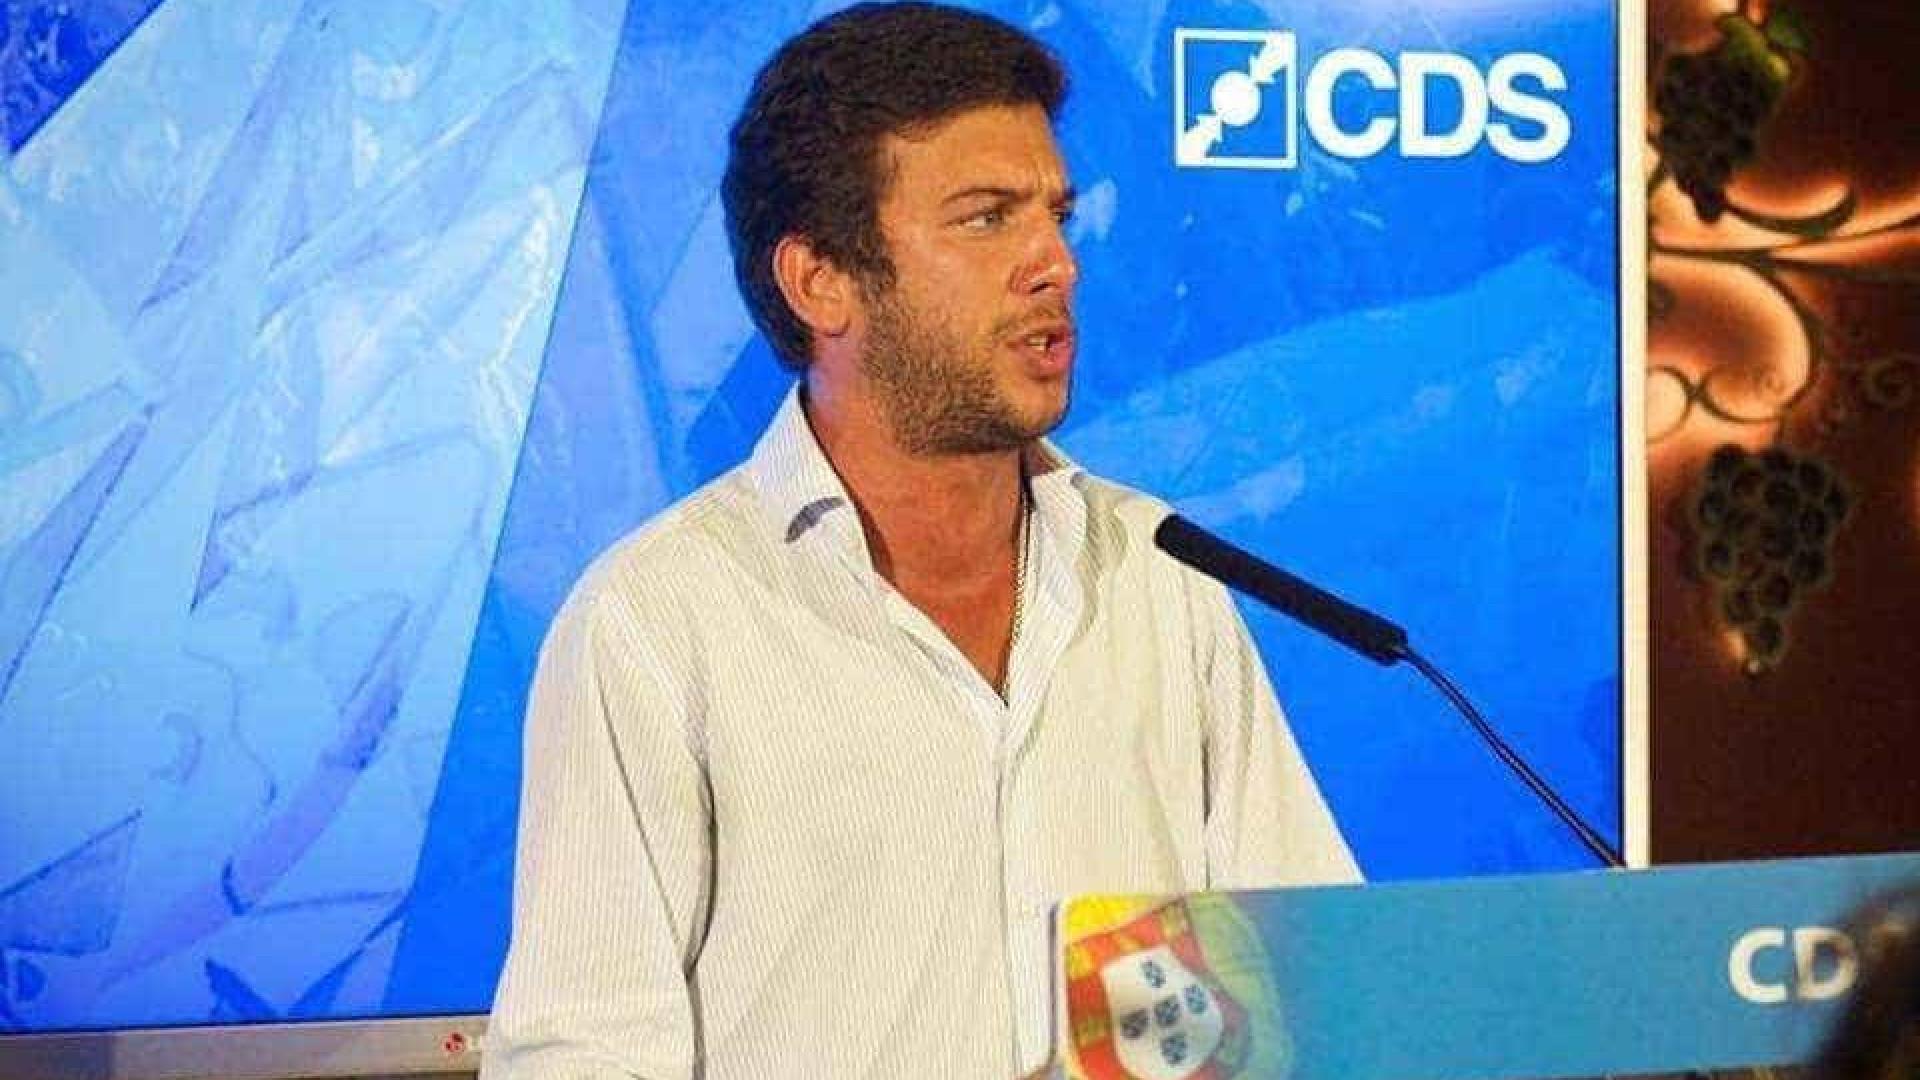 """JP entrega ao CDS propostas para promover """"habitação jovem condigna"""""""